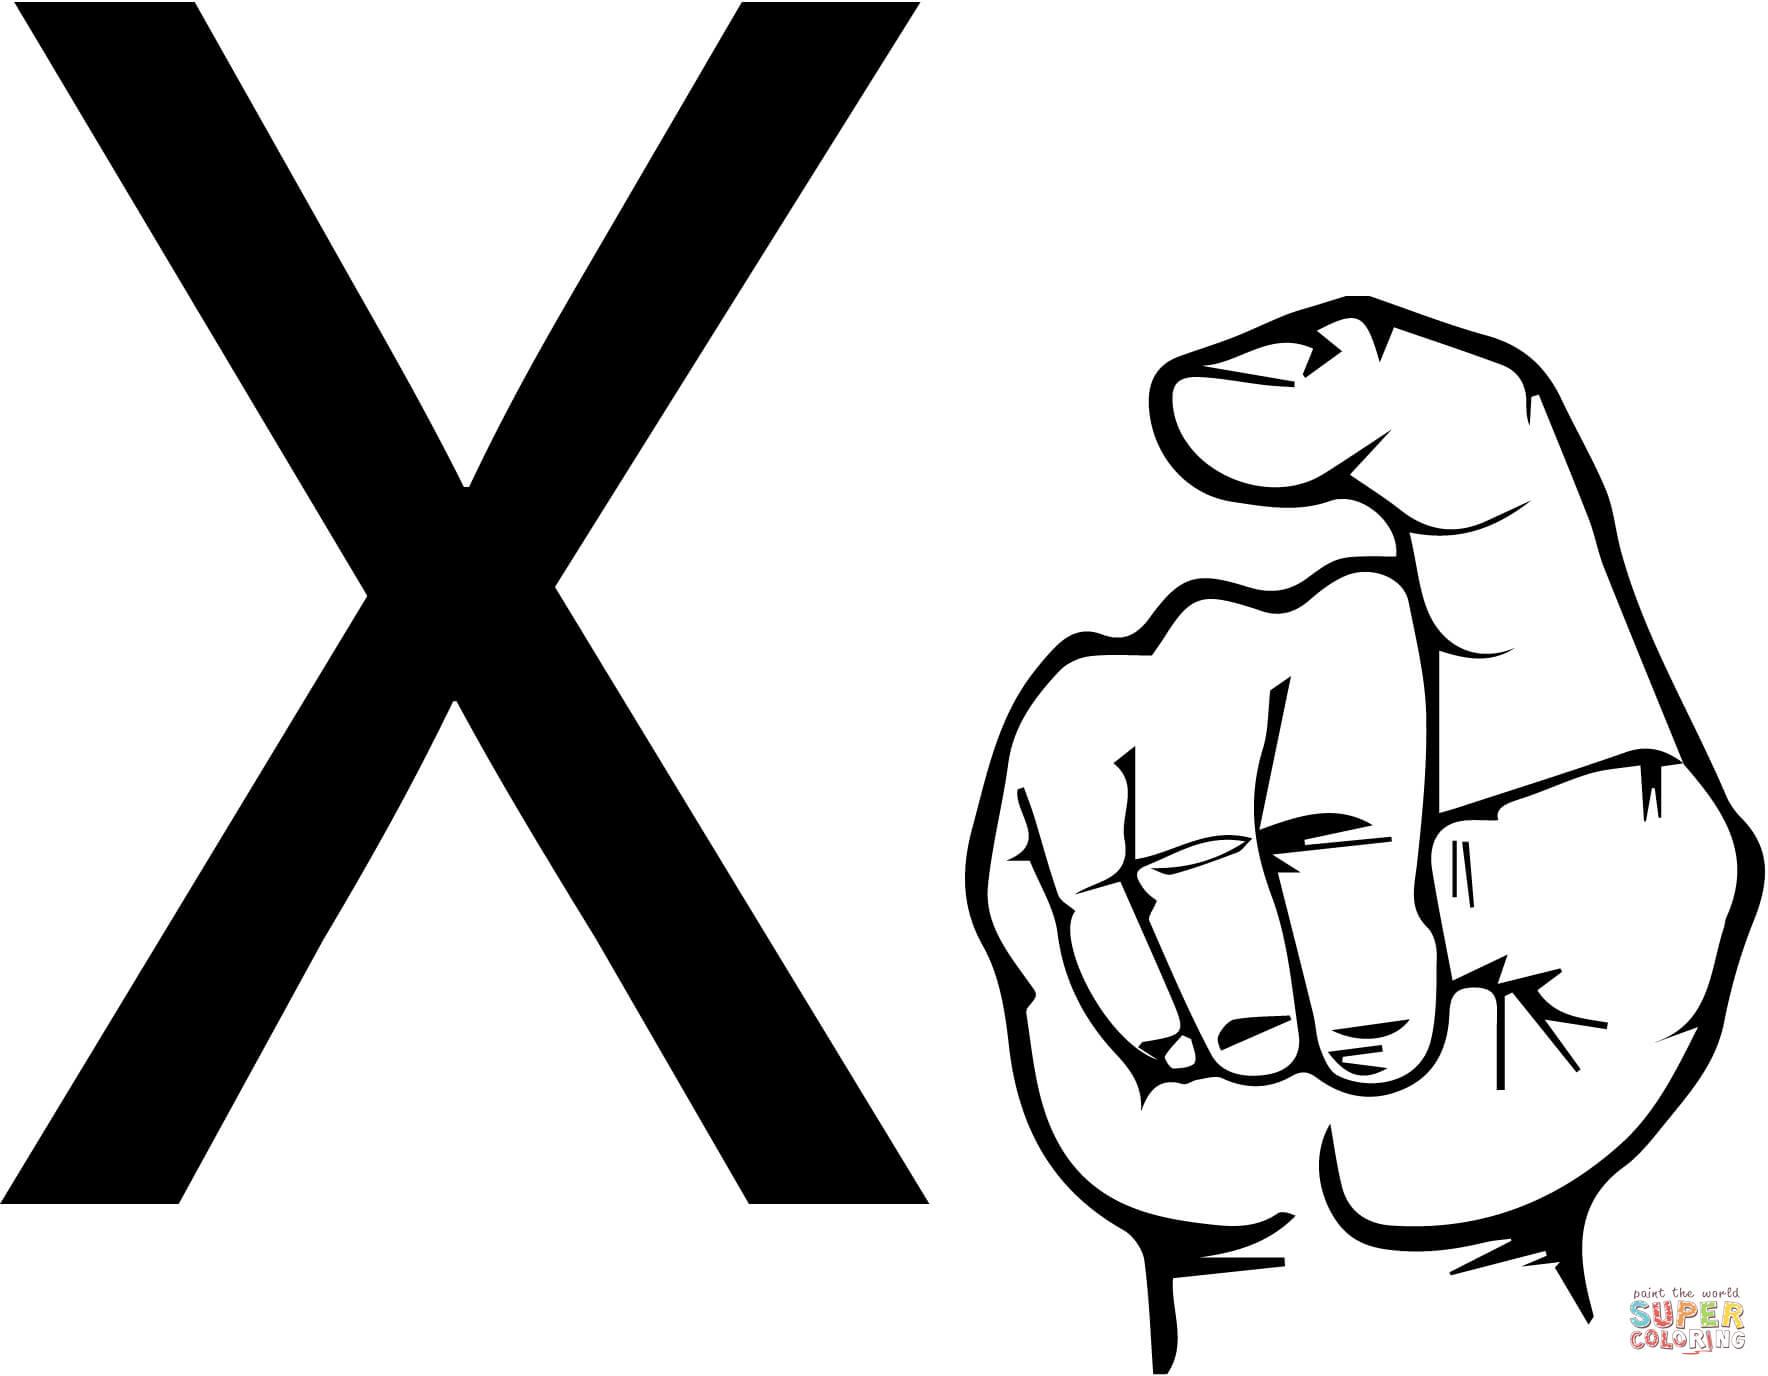 Dibujo De Lengua De Signos Letra X Para Colorear